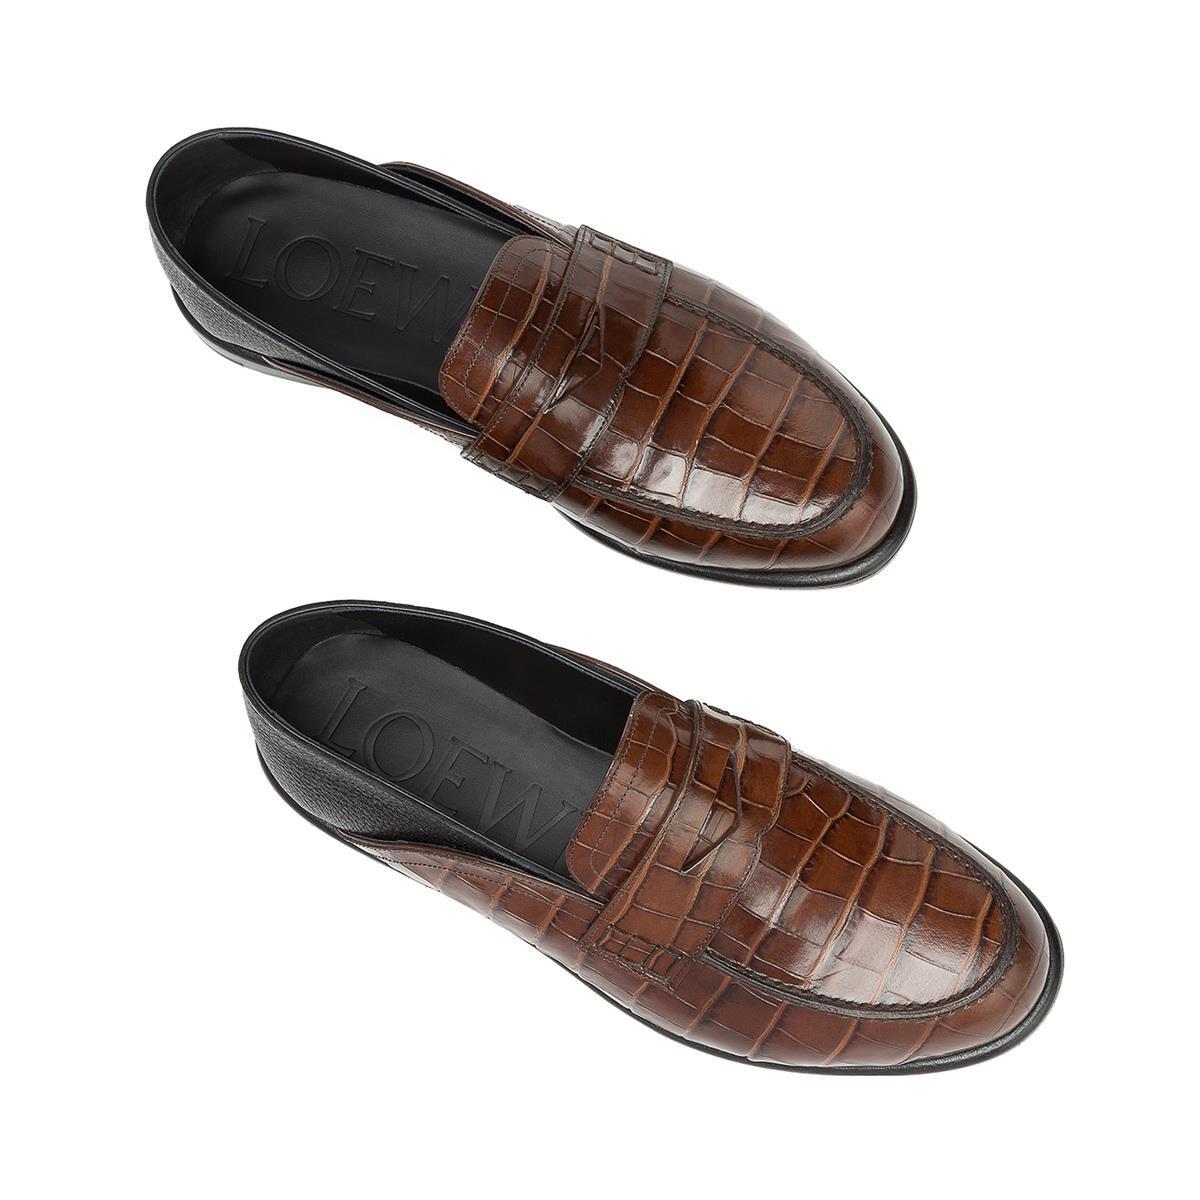 LOEWE Slip On Loafer Marron/Negro all